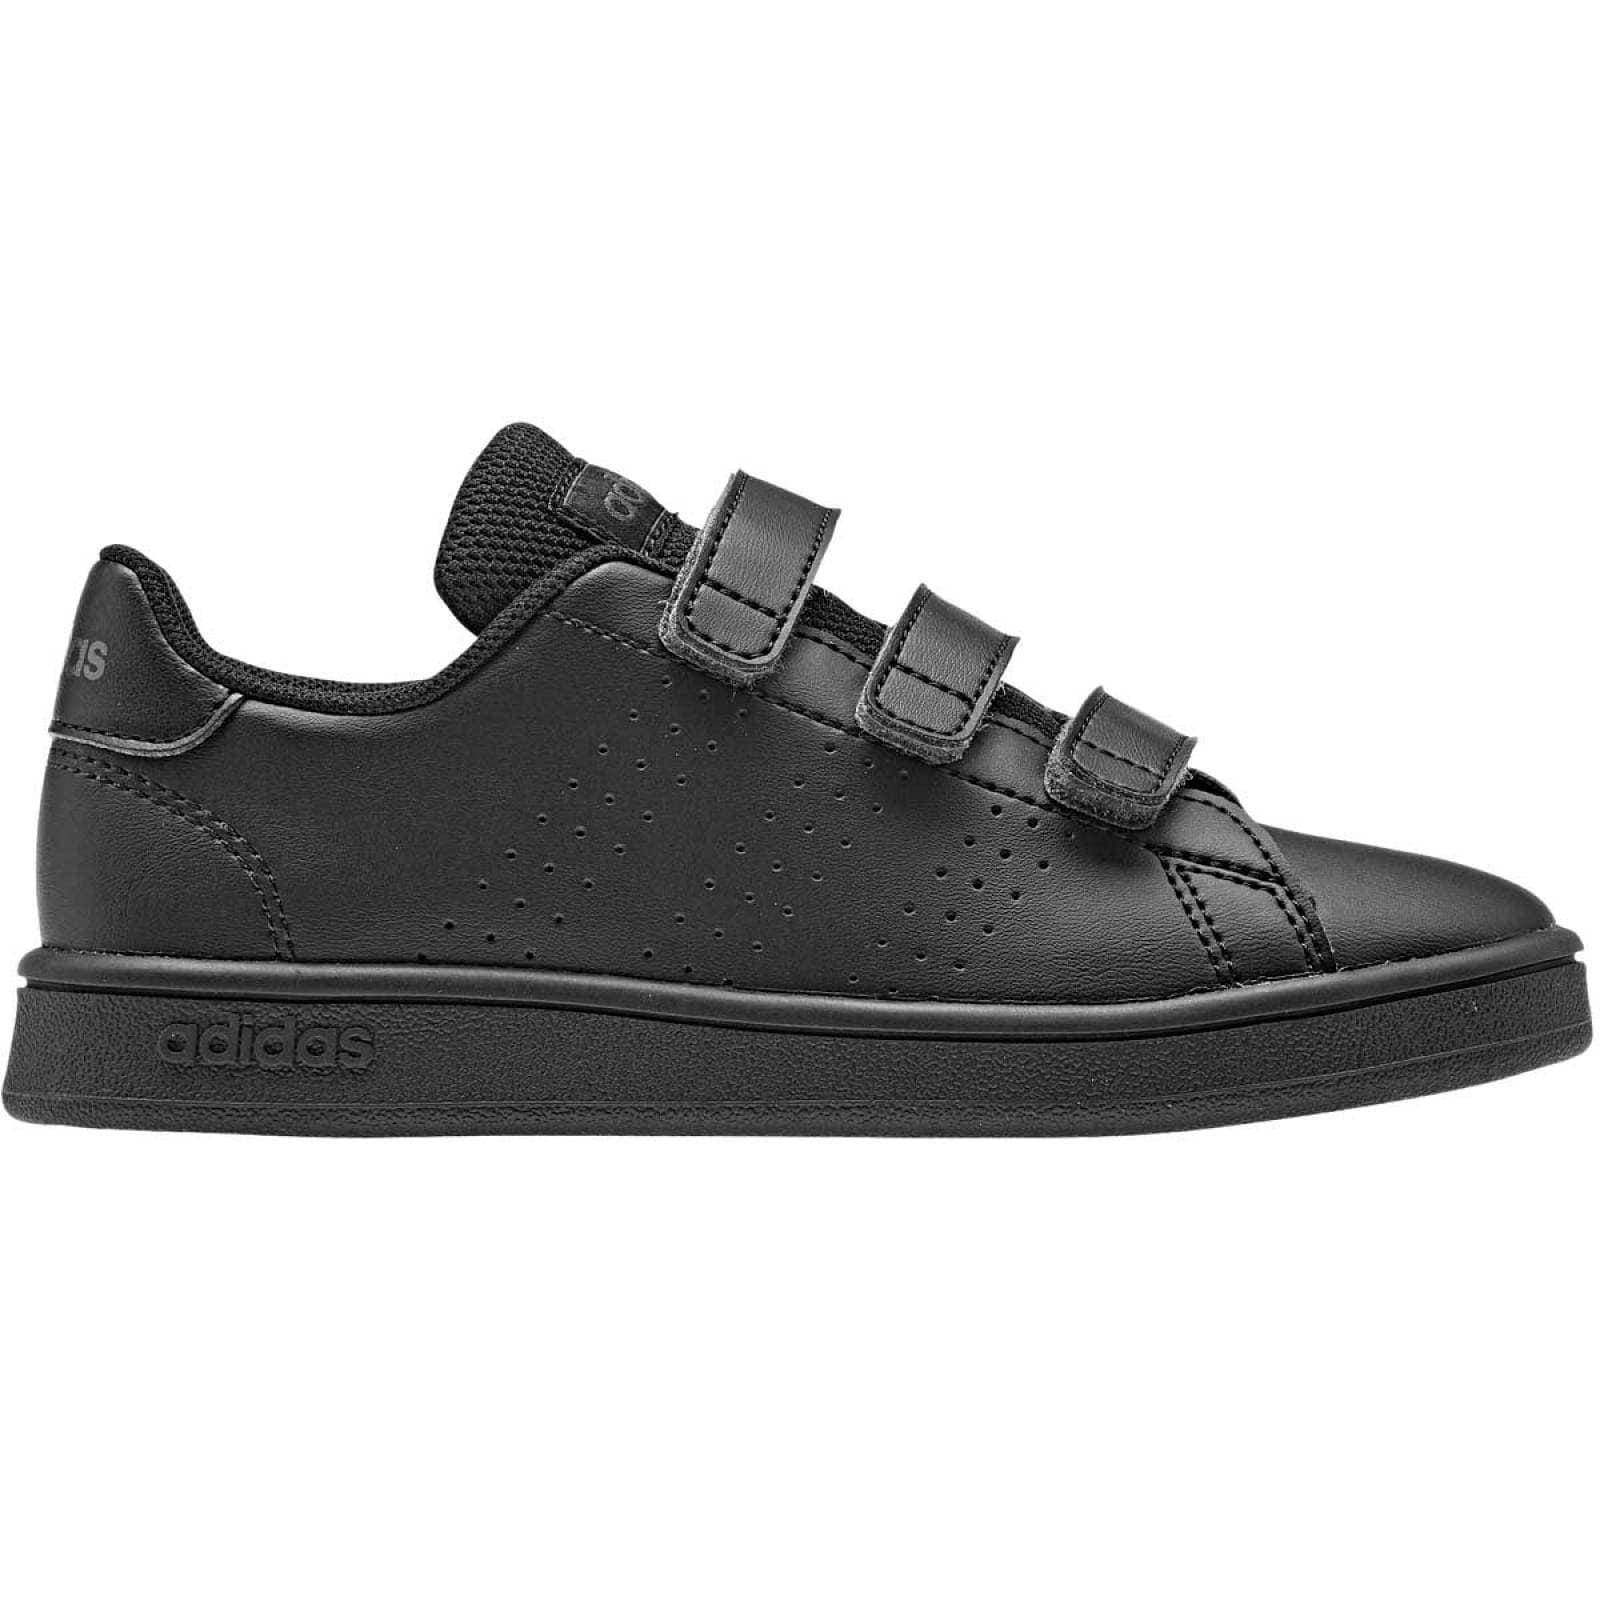 Adidas Tenis Niño Negro